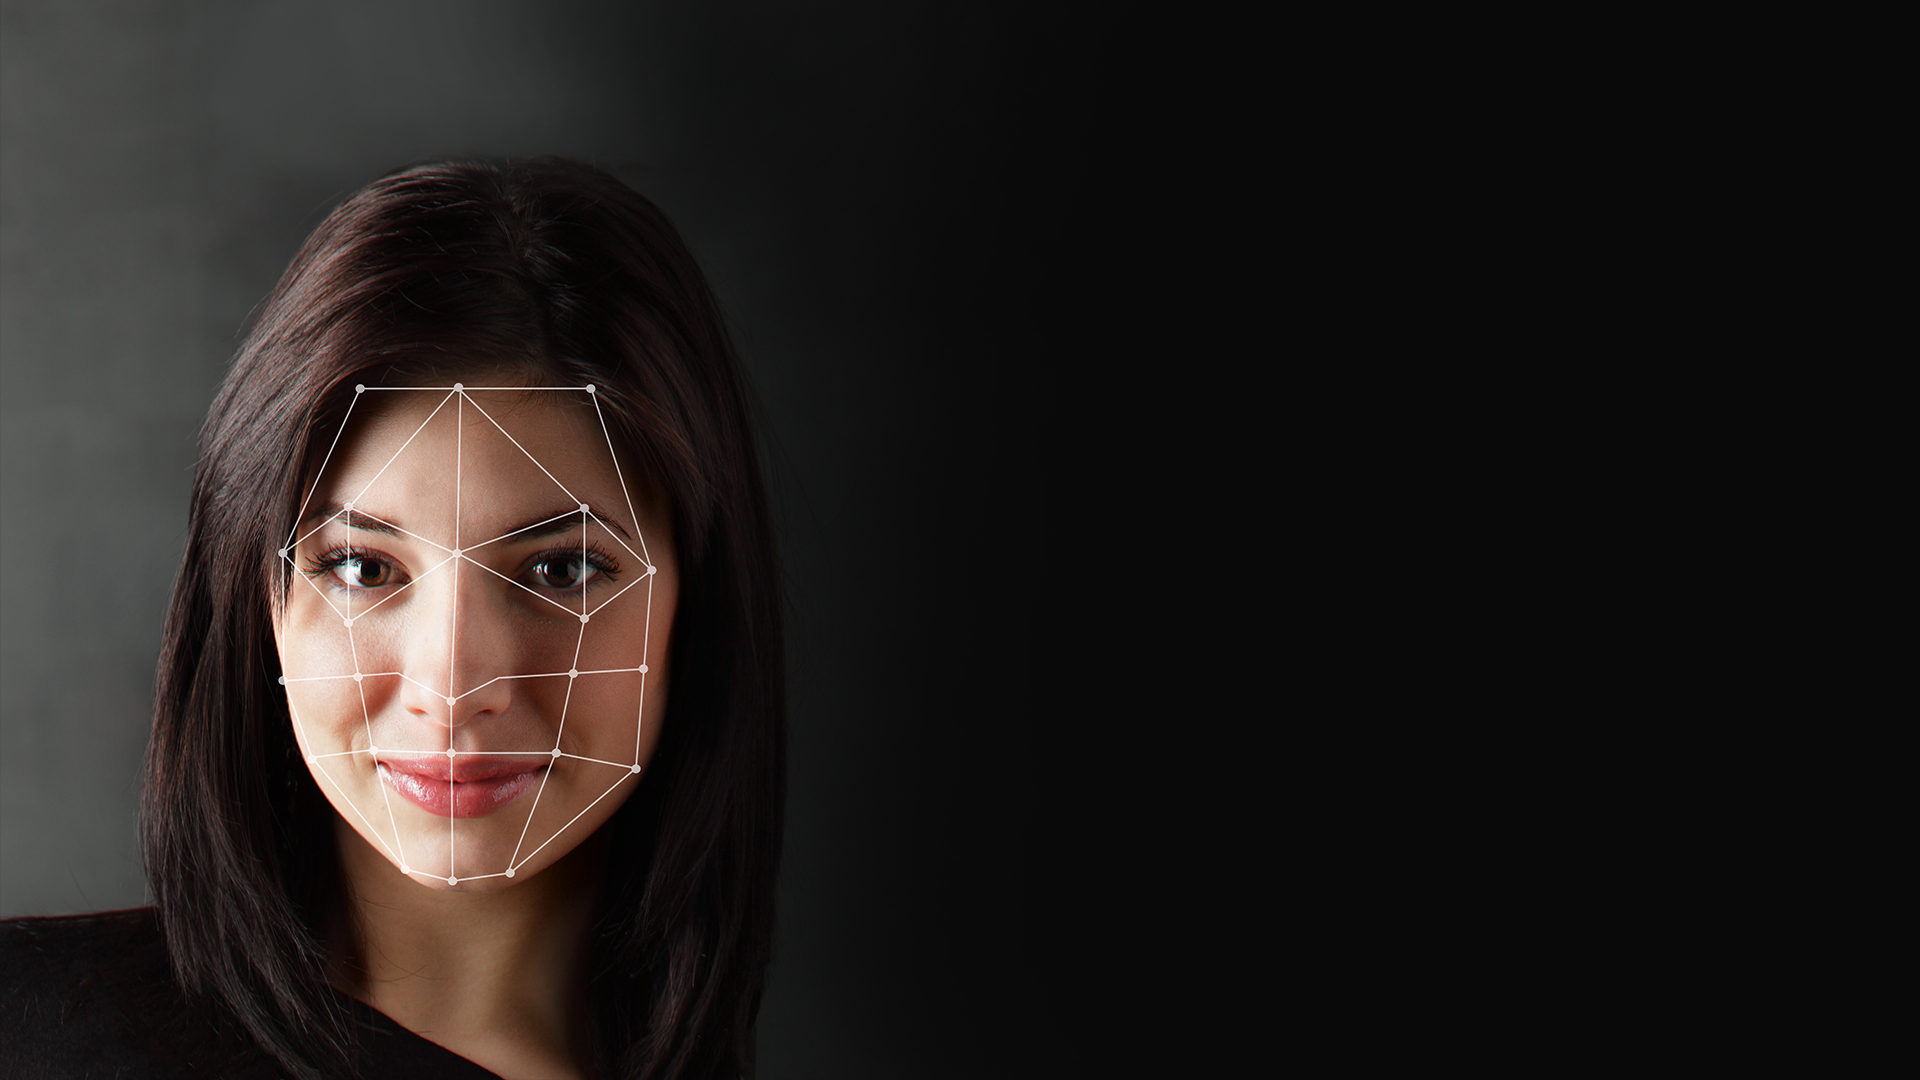 Havaalanı Deneyiminde Biometrik Açılım